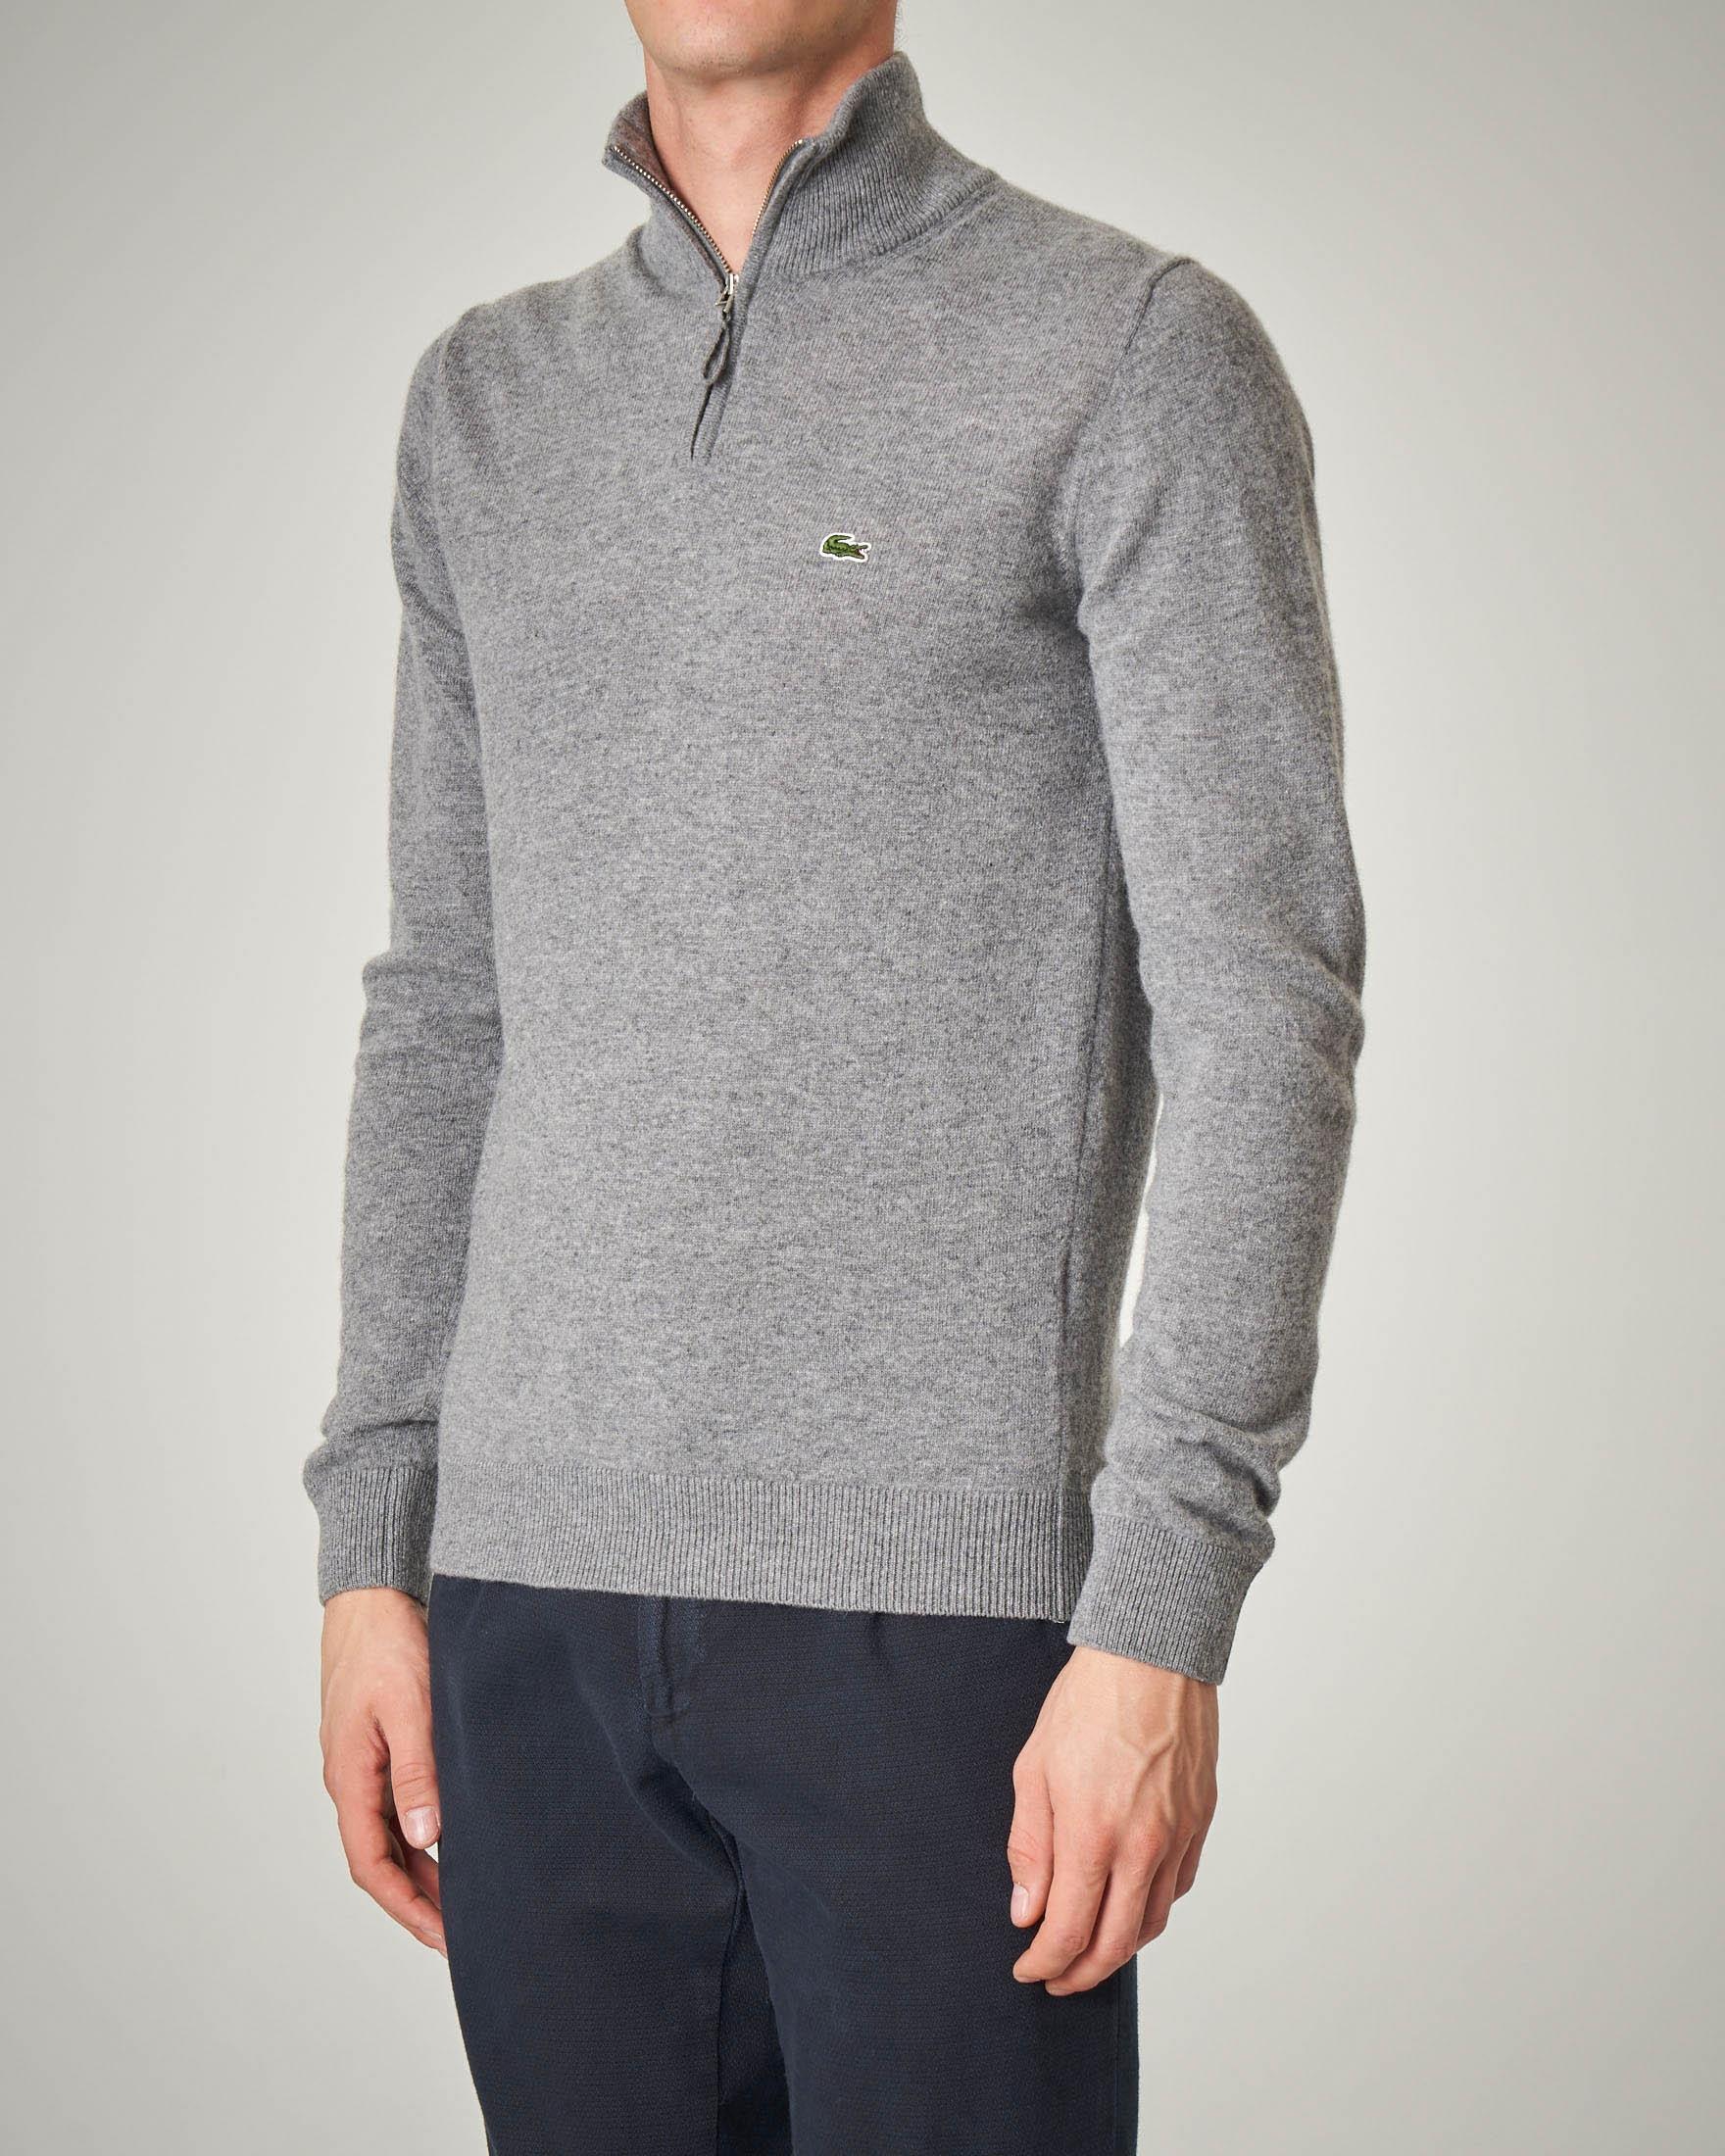 Maglia grigia a collo alto con zip in lana